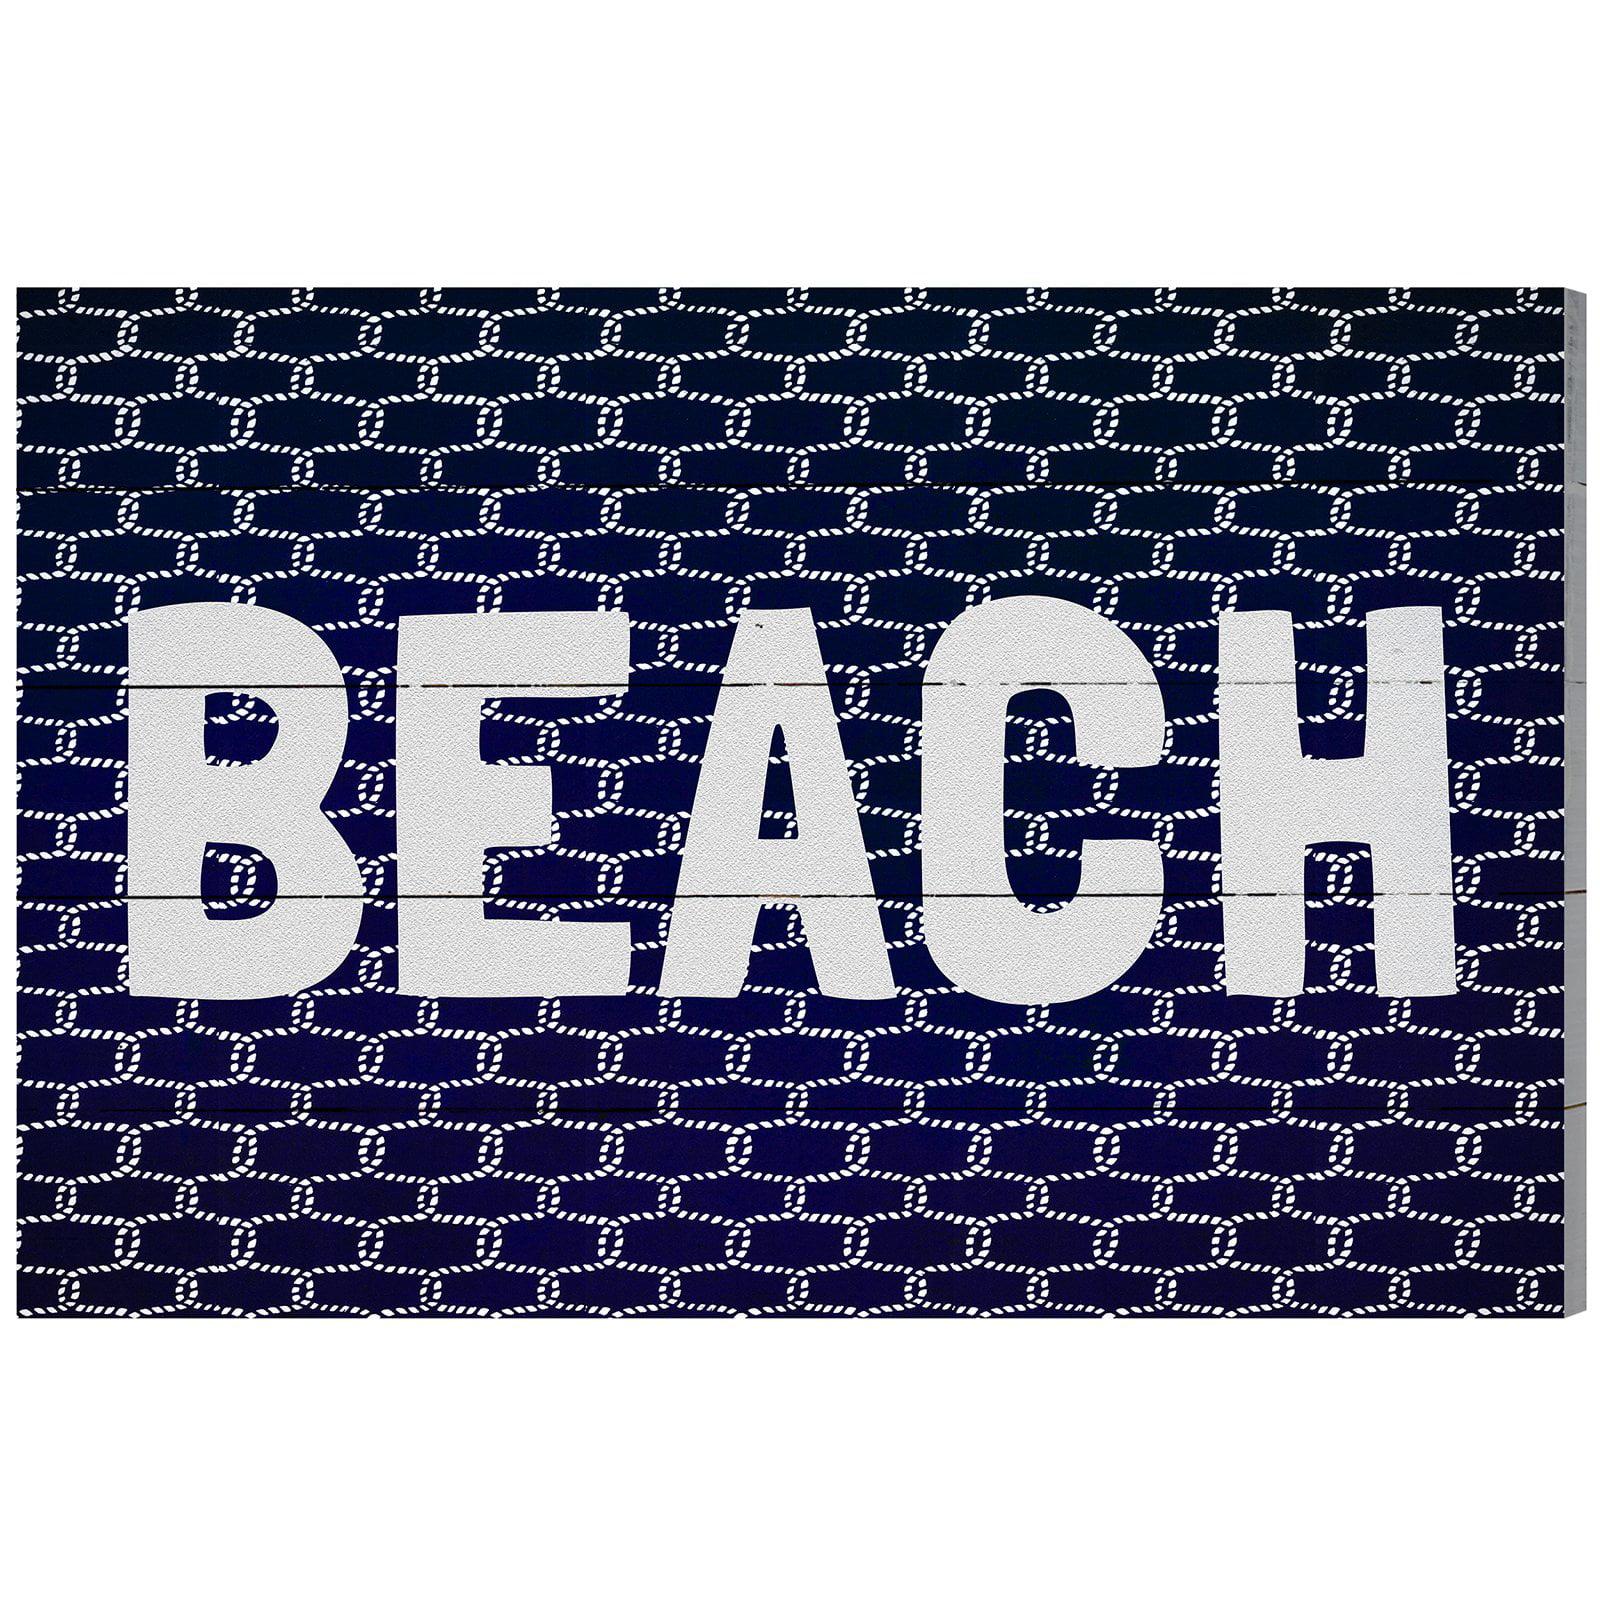 'Beach Knot' Plaque Art by Art Remdey, LLC